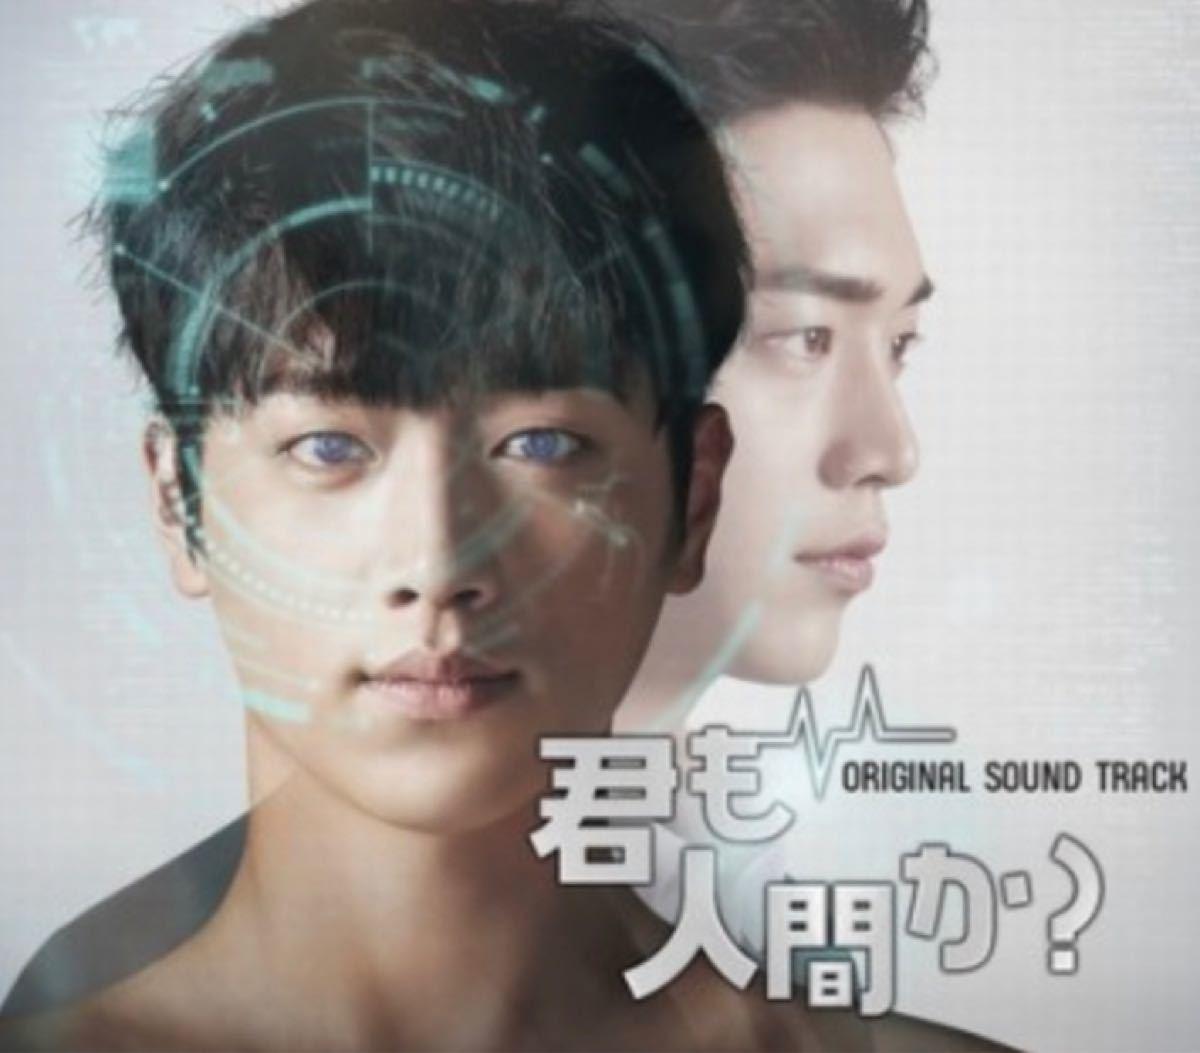 君も人間か?(君はロボット) 韓国ドラマ ブルーレイ Blu-ray 全話